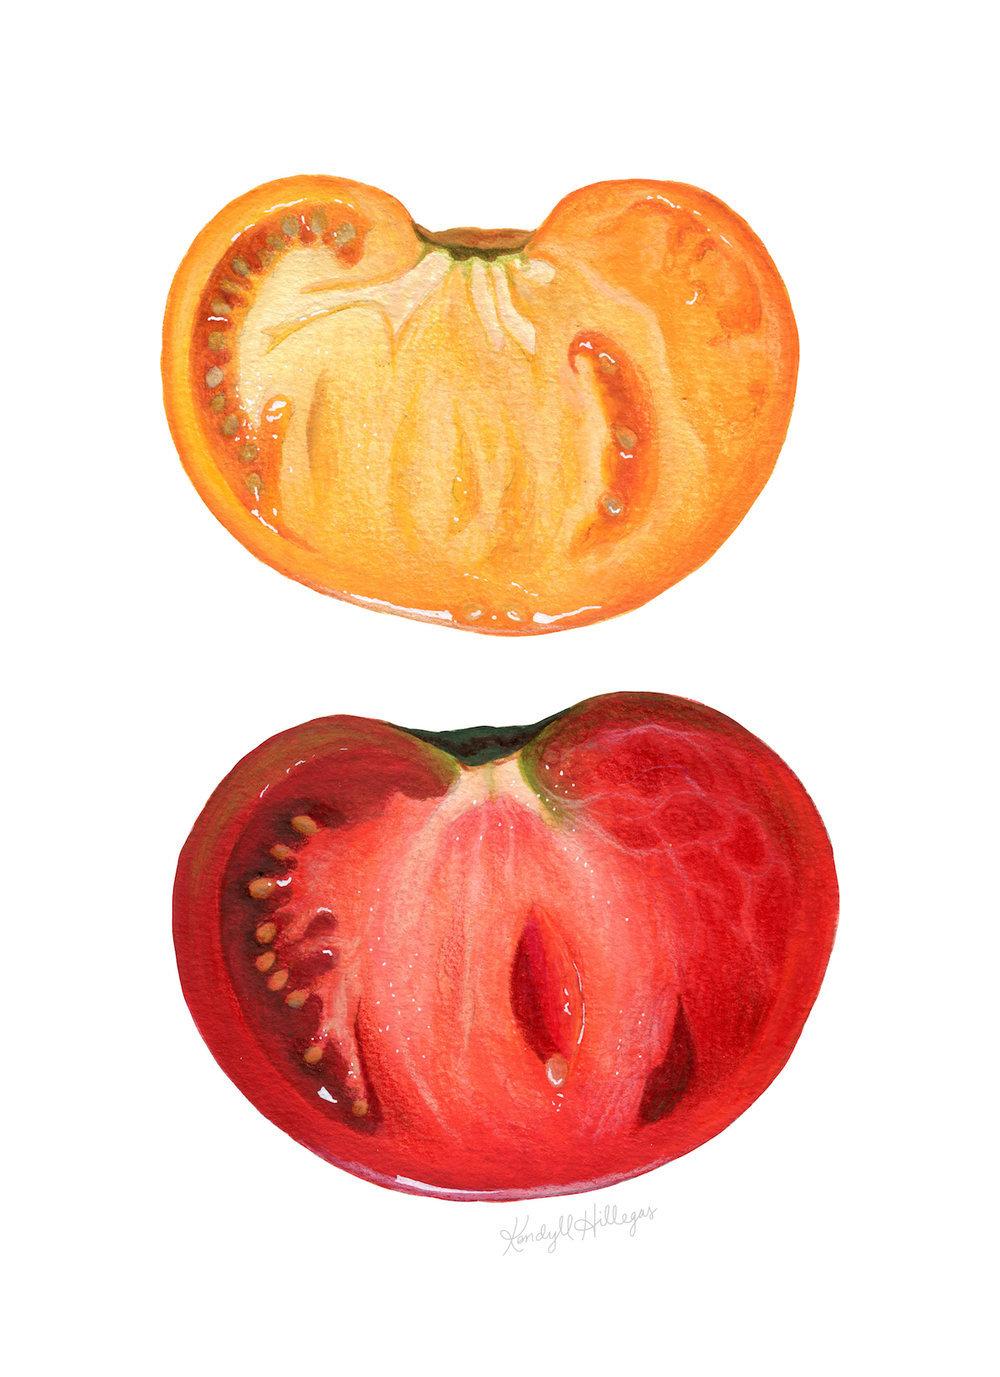 Tomatoes in Half.jpg